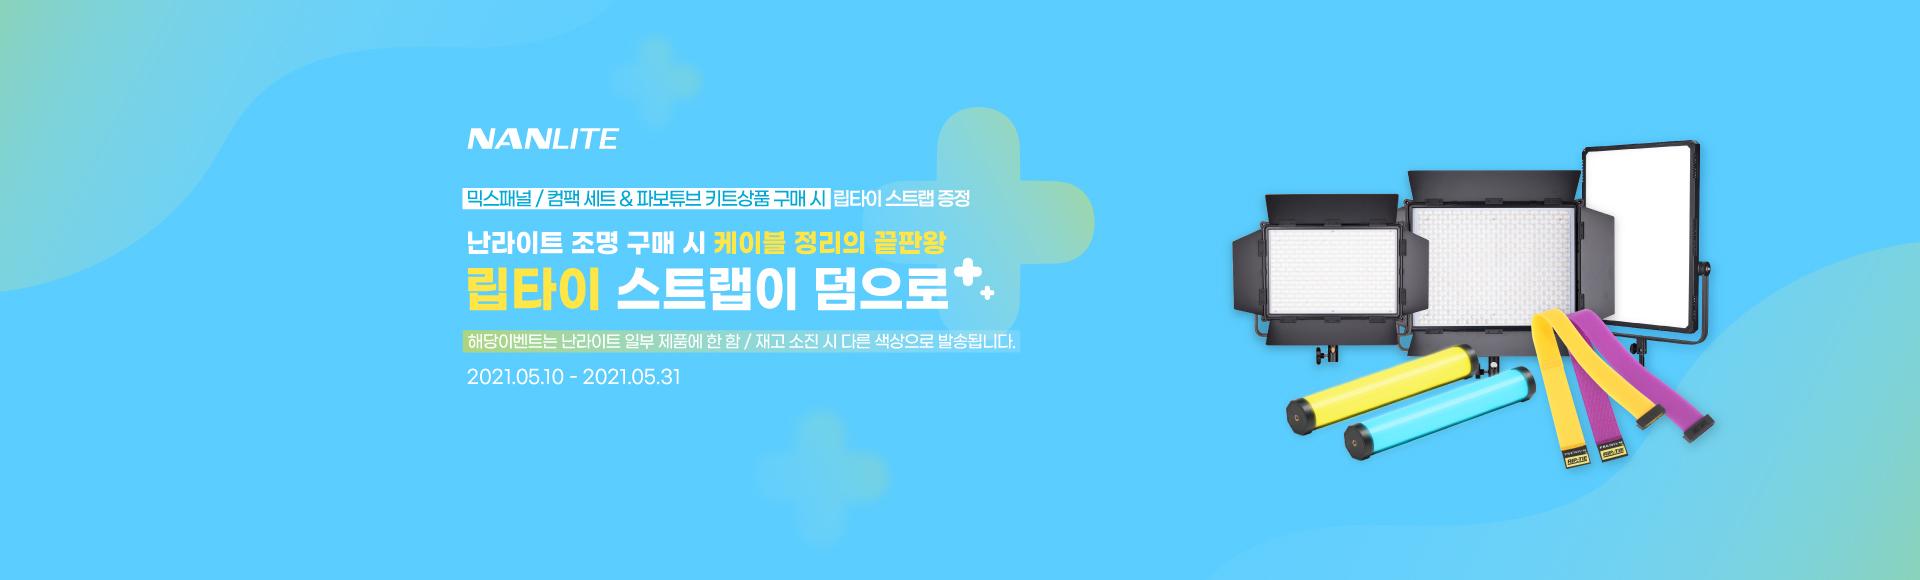 난라이트 구매 시 립타이 무료 증정 이벤트